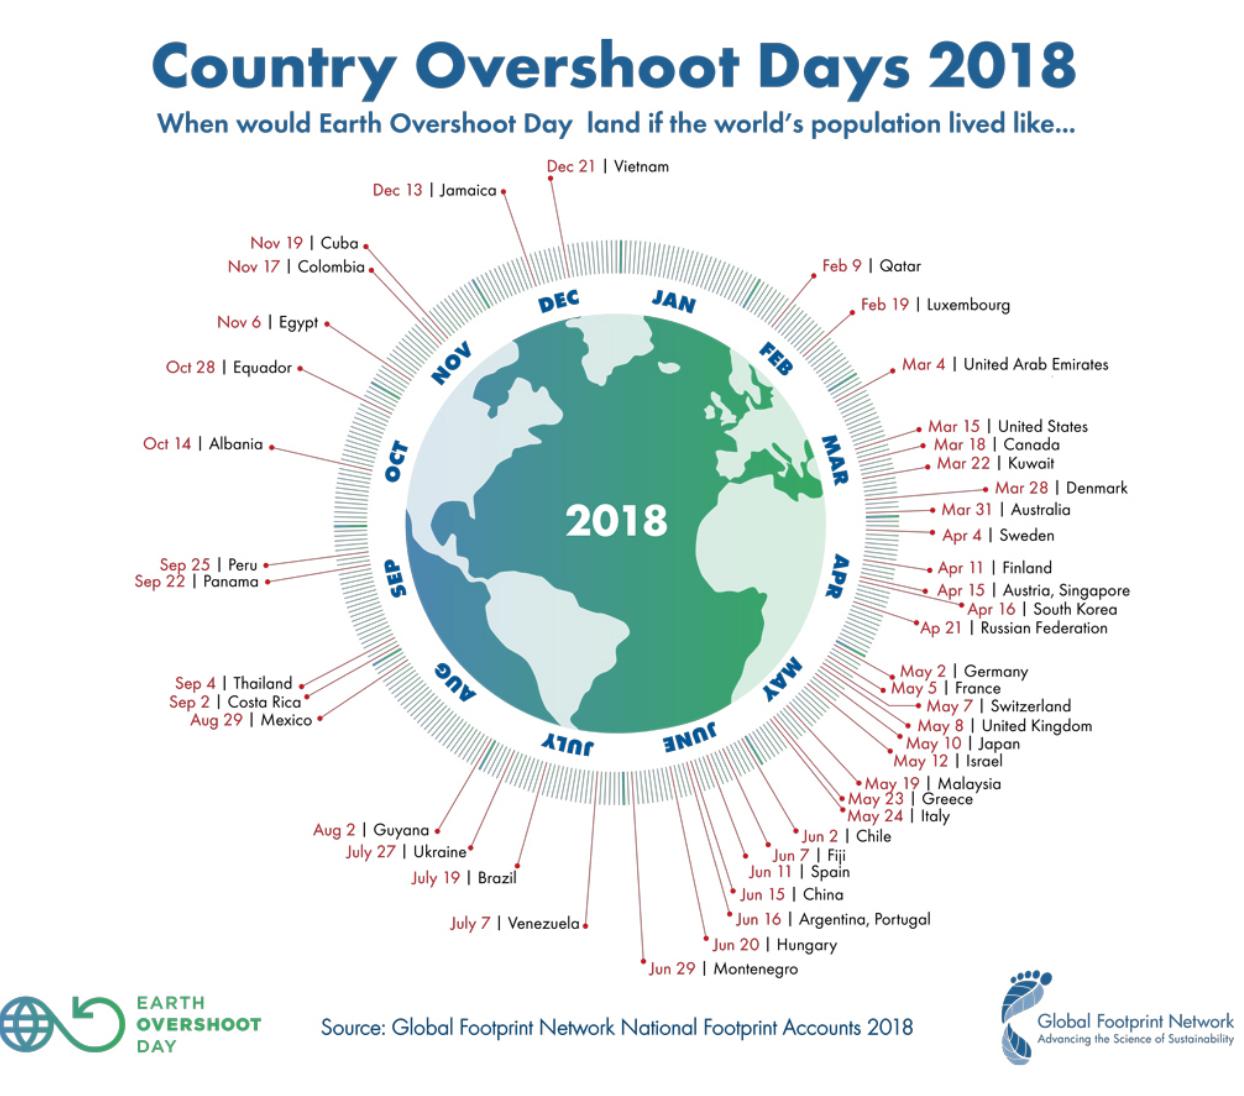 Siamo sempre più in debito con la Terral'Earth overshoot day scatta il 1° agostol'umanità ha già consumato le risorse del 2018